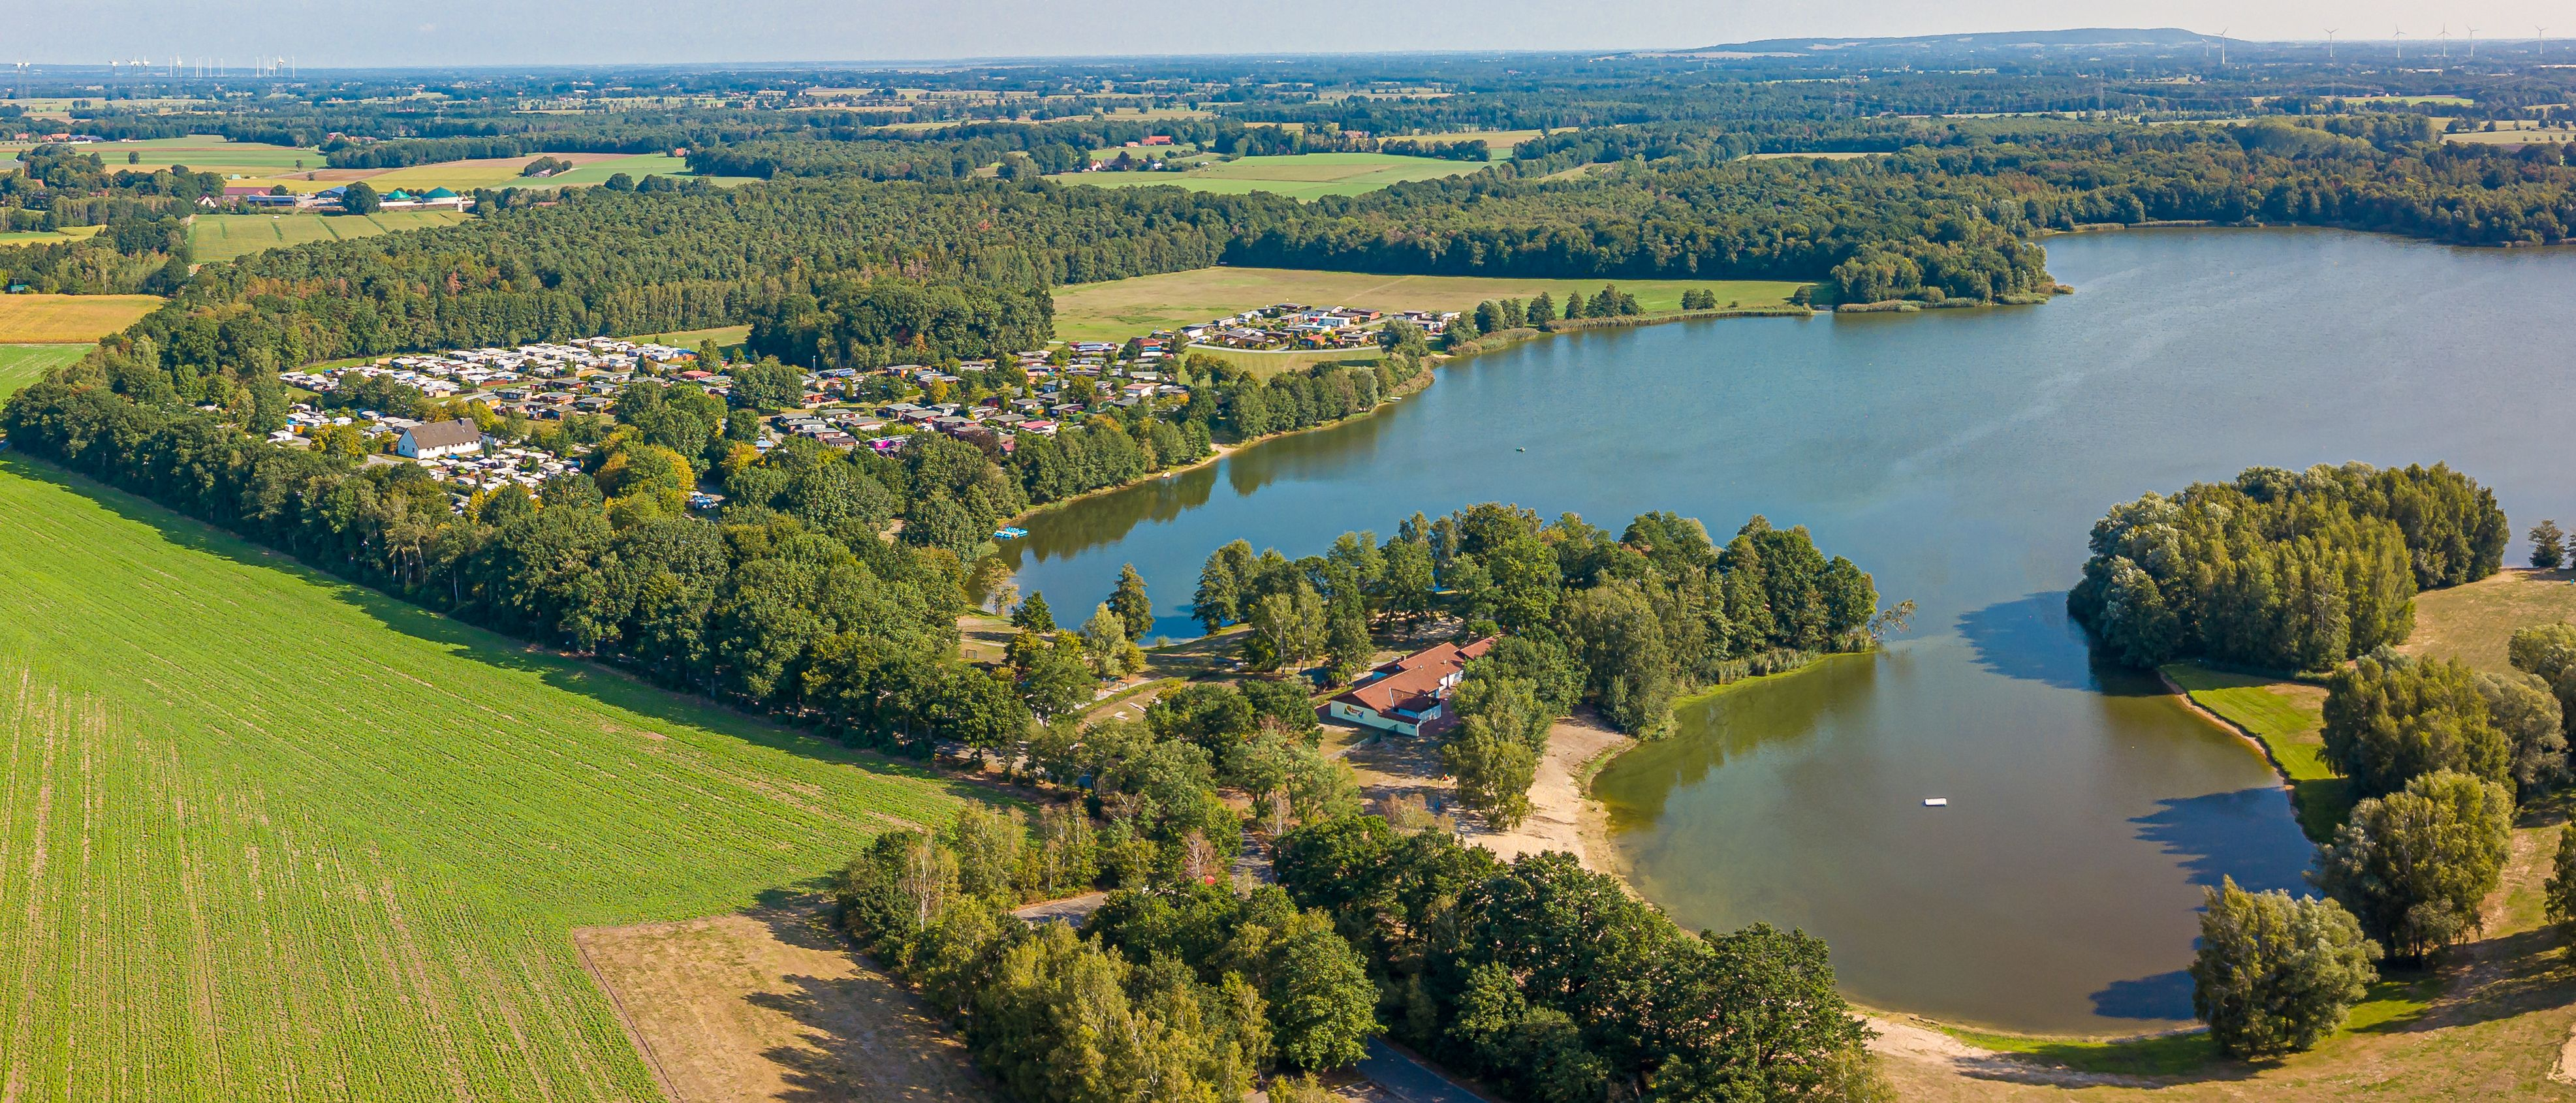 PRIMAGAS Gewerbelösungen - Flüssiggas für Mobilheim- und Campingparks - Referenzkunde Kronensee